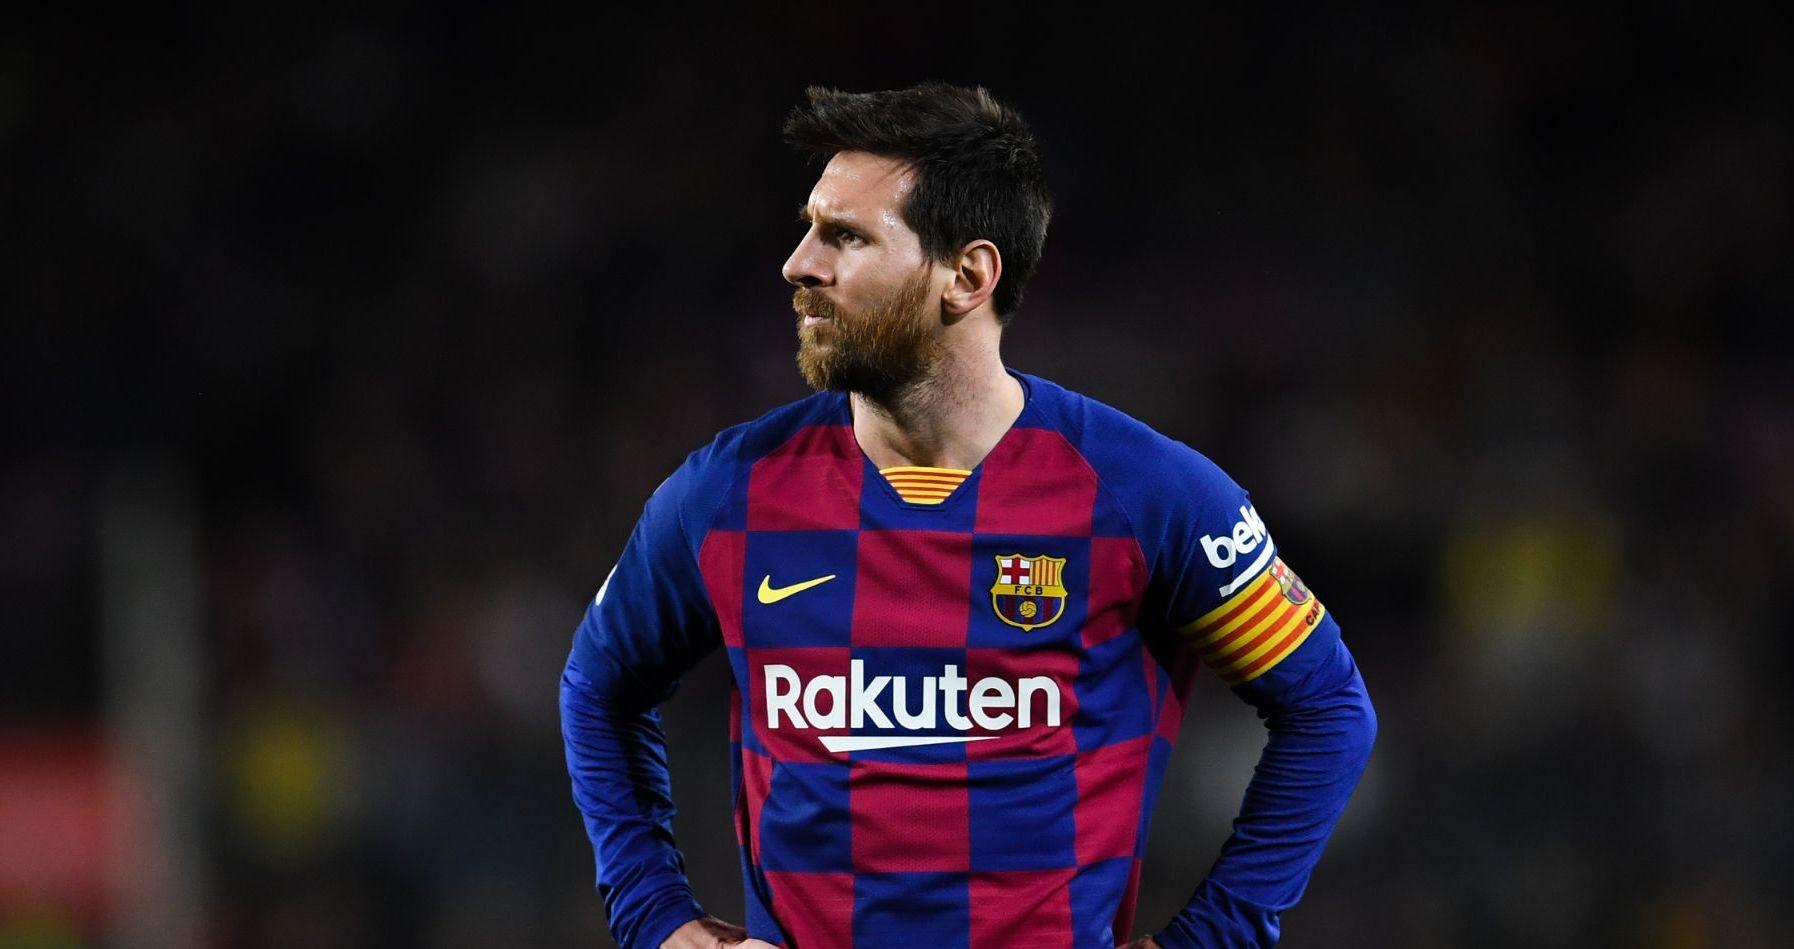 Президентът на Испанската футболна асоциация Луис Рубиалес беше категоричен, че